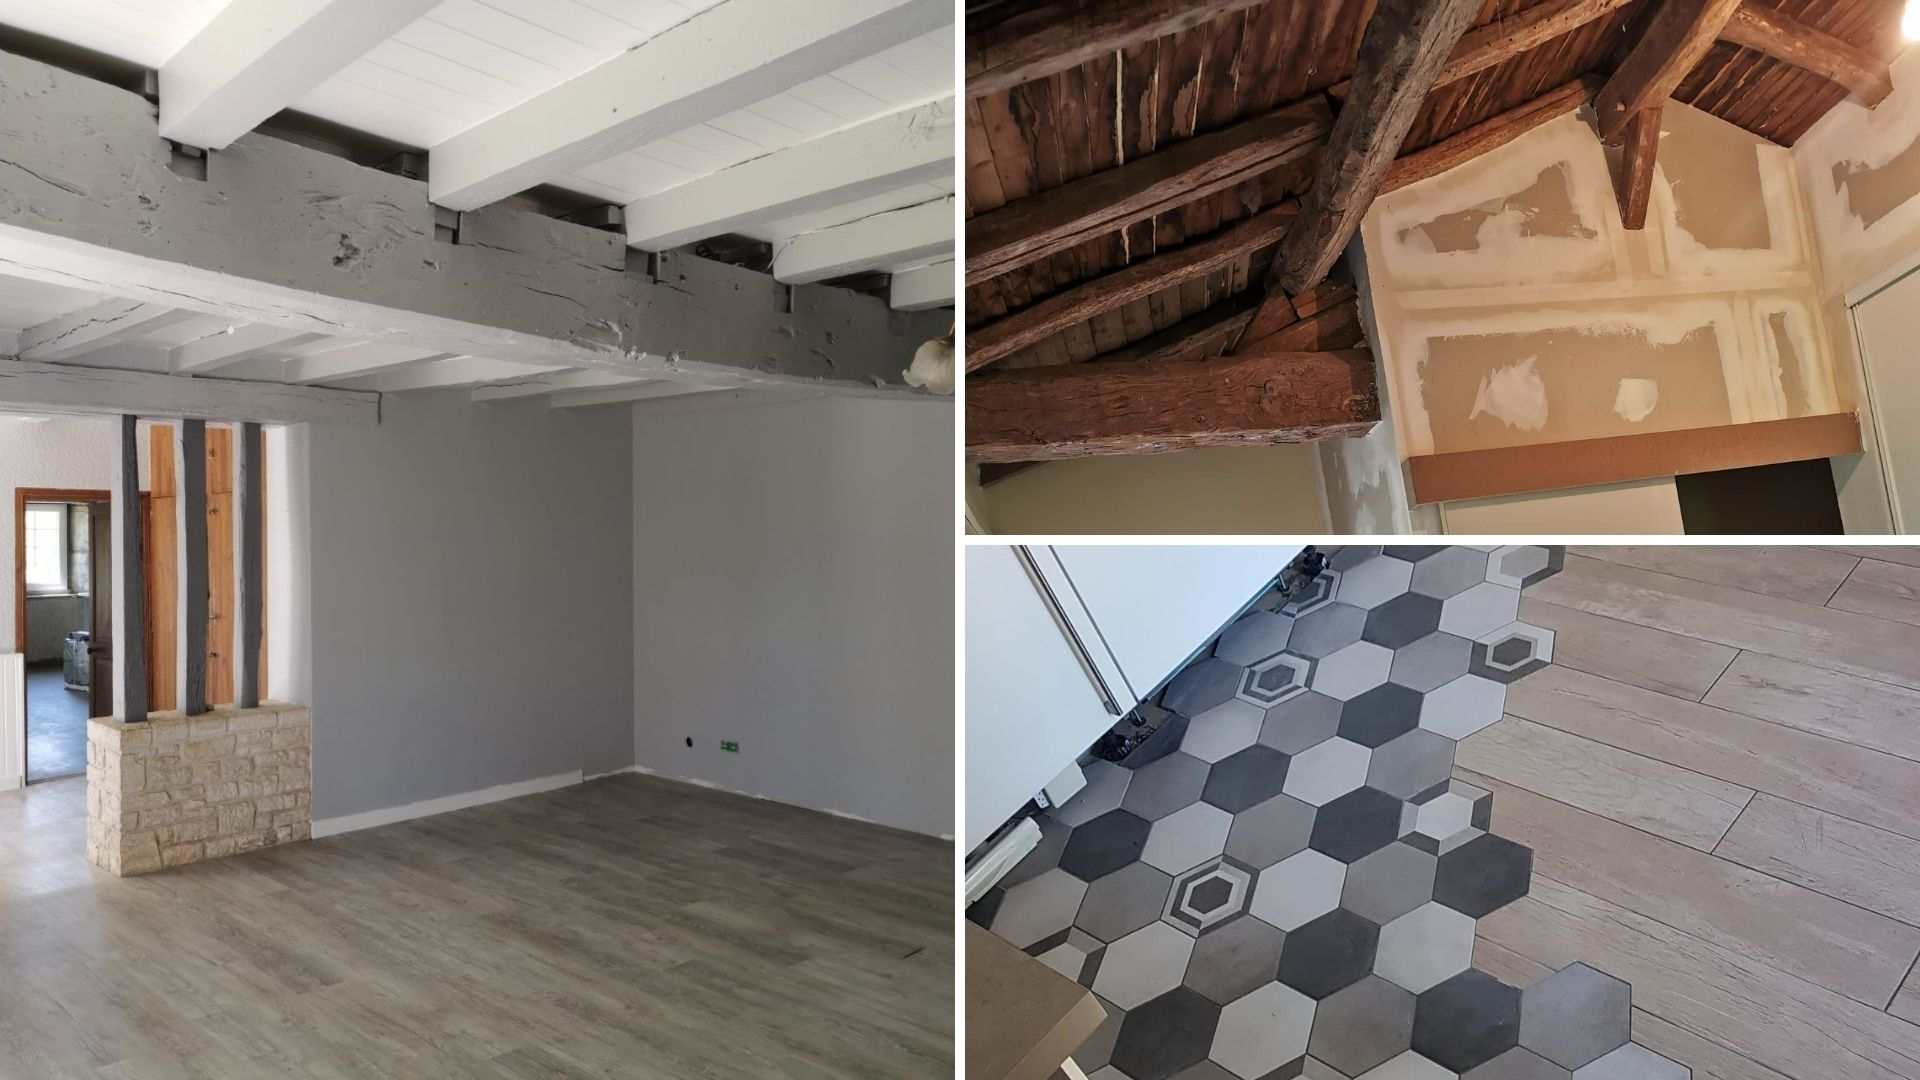 exemples de rénovation intérieure